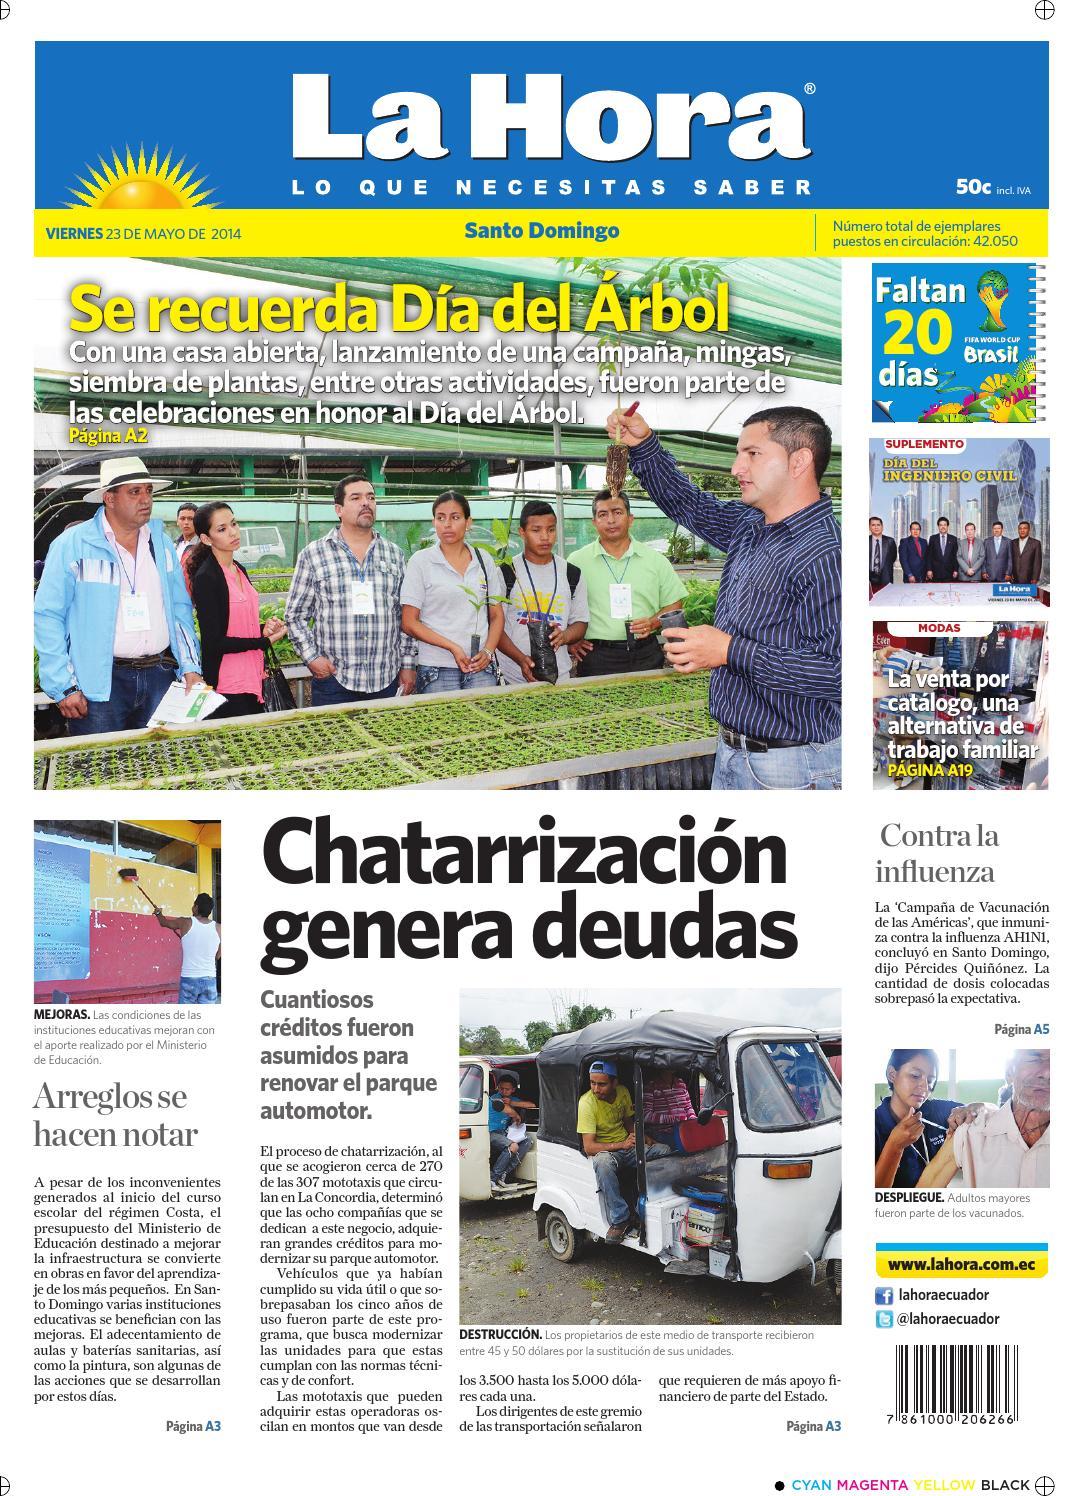 Edición impresa Santo Domingo del 23 de mayo de 2014 by Diario La Hora  Ecuador - issuu 233ab0f1a04